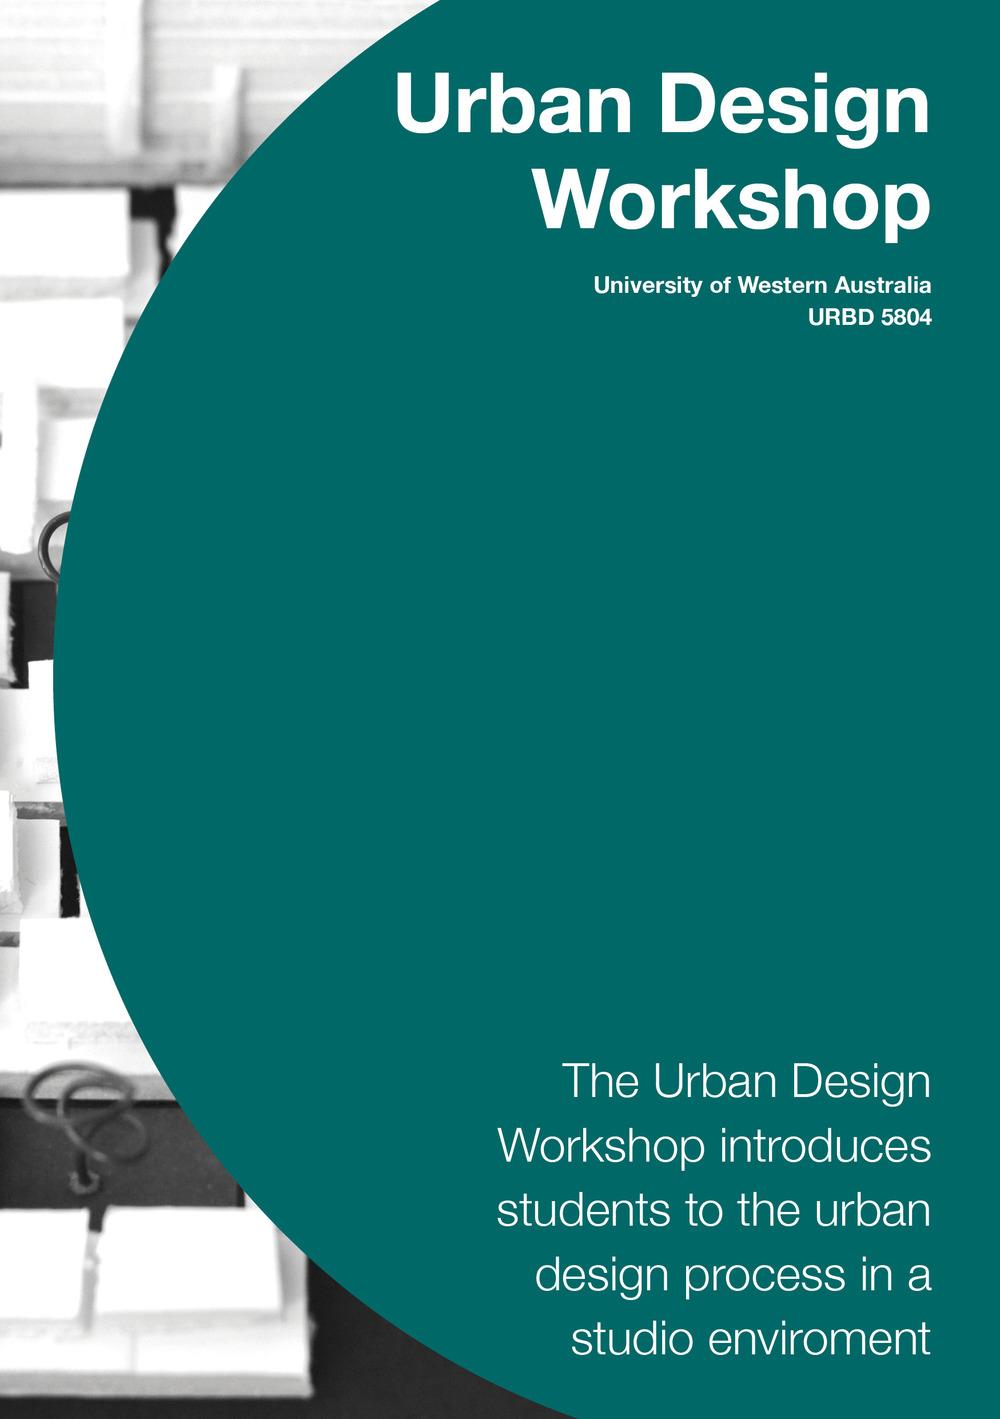 Urbandesignworkshop_Cover.jpg